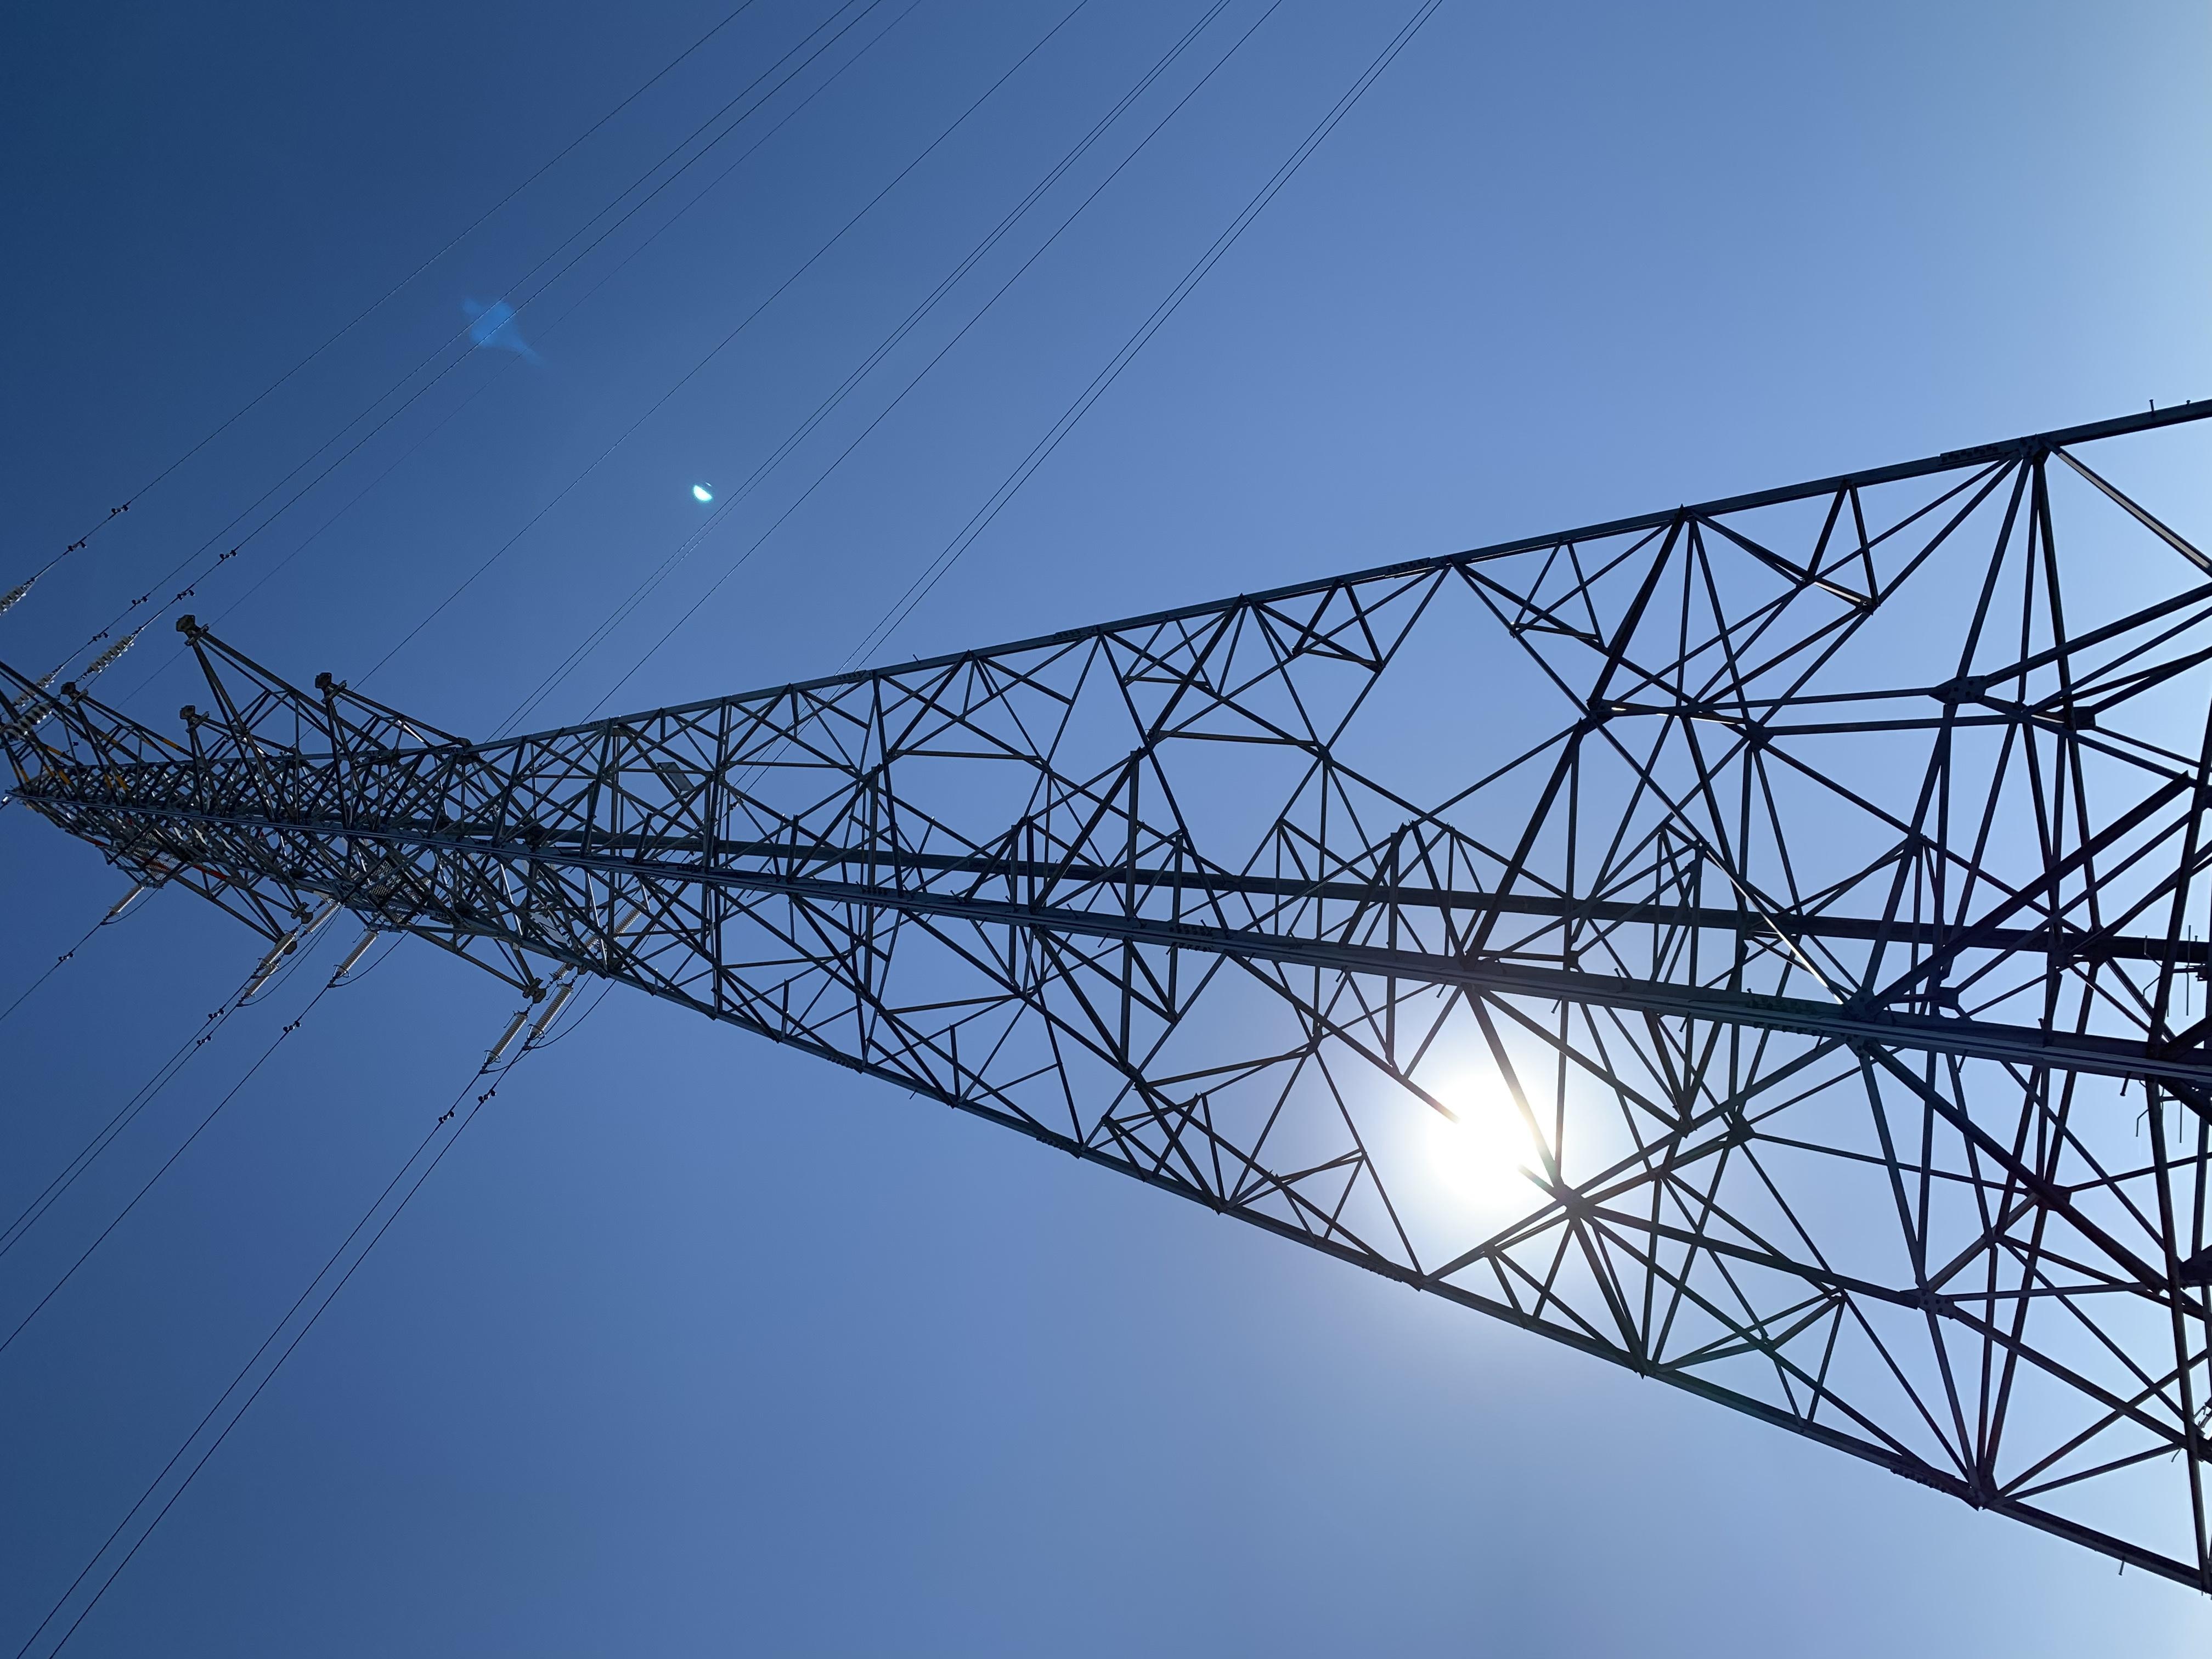 鉄塔を逆光から撮ったもの